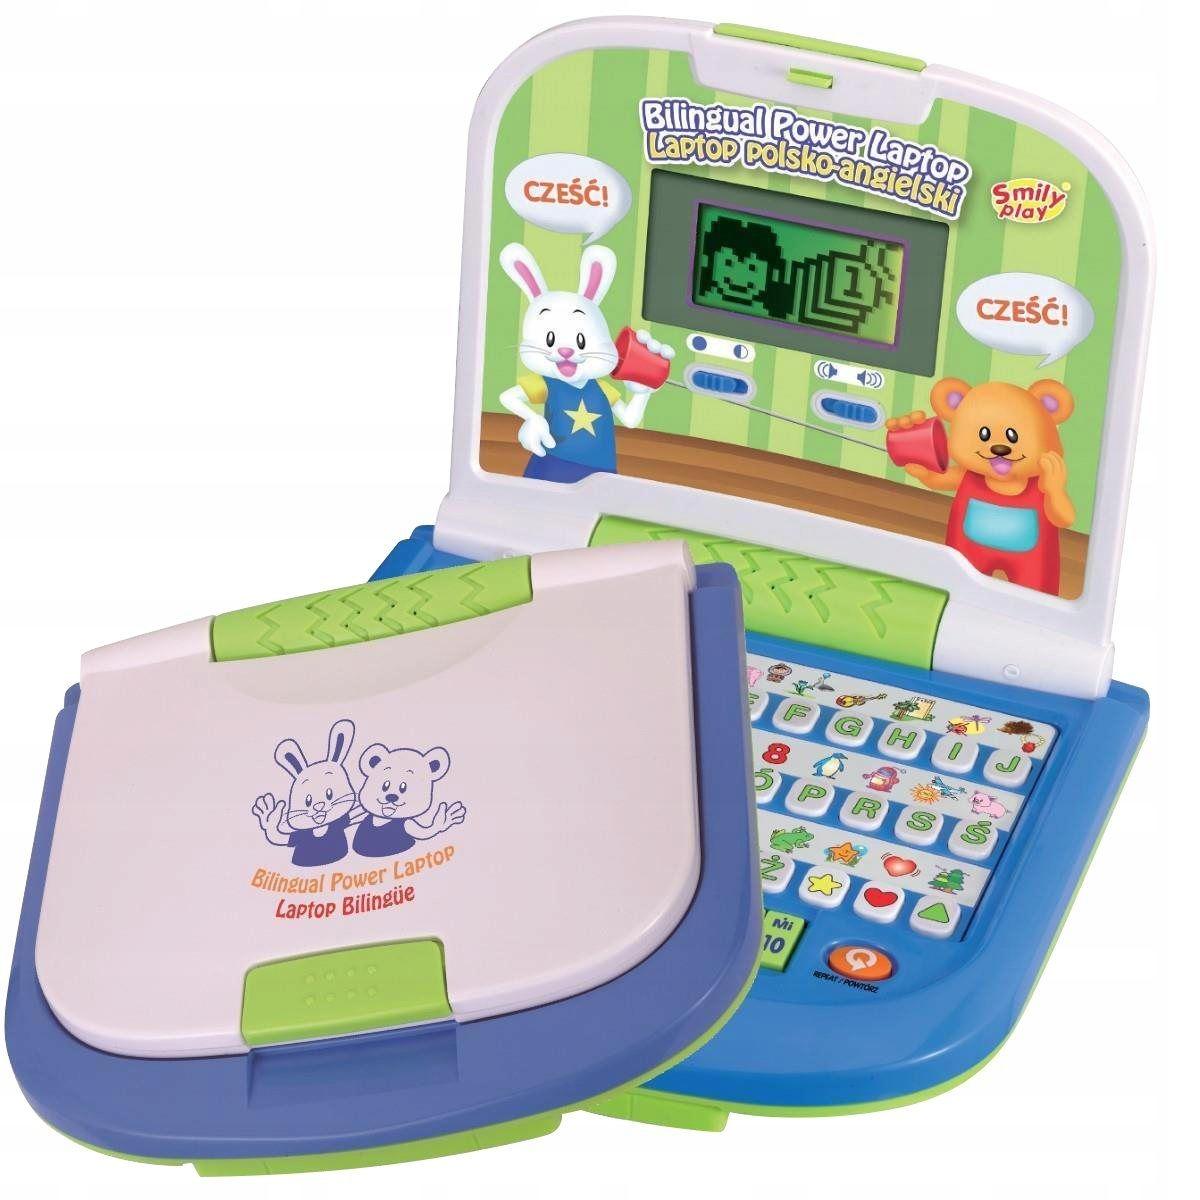 Smily Play Laptop Edukacyjny Dwujęzyczny 8030